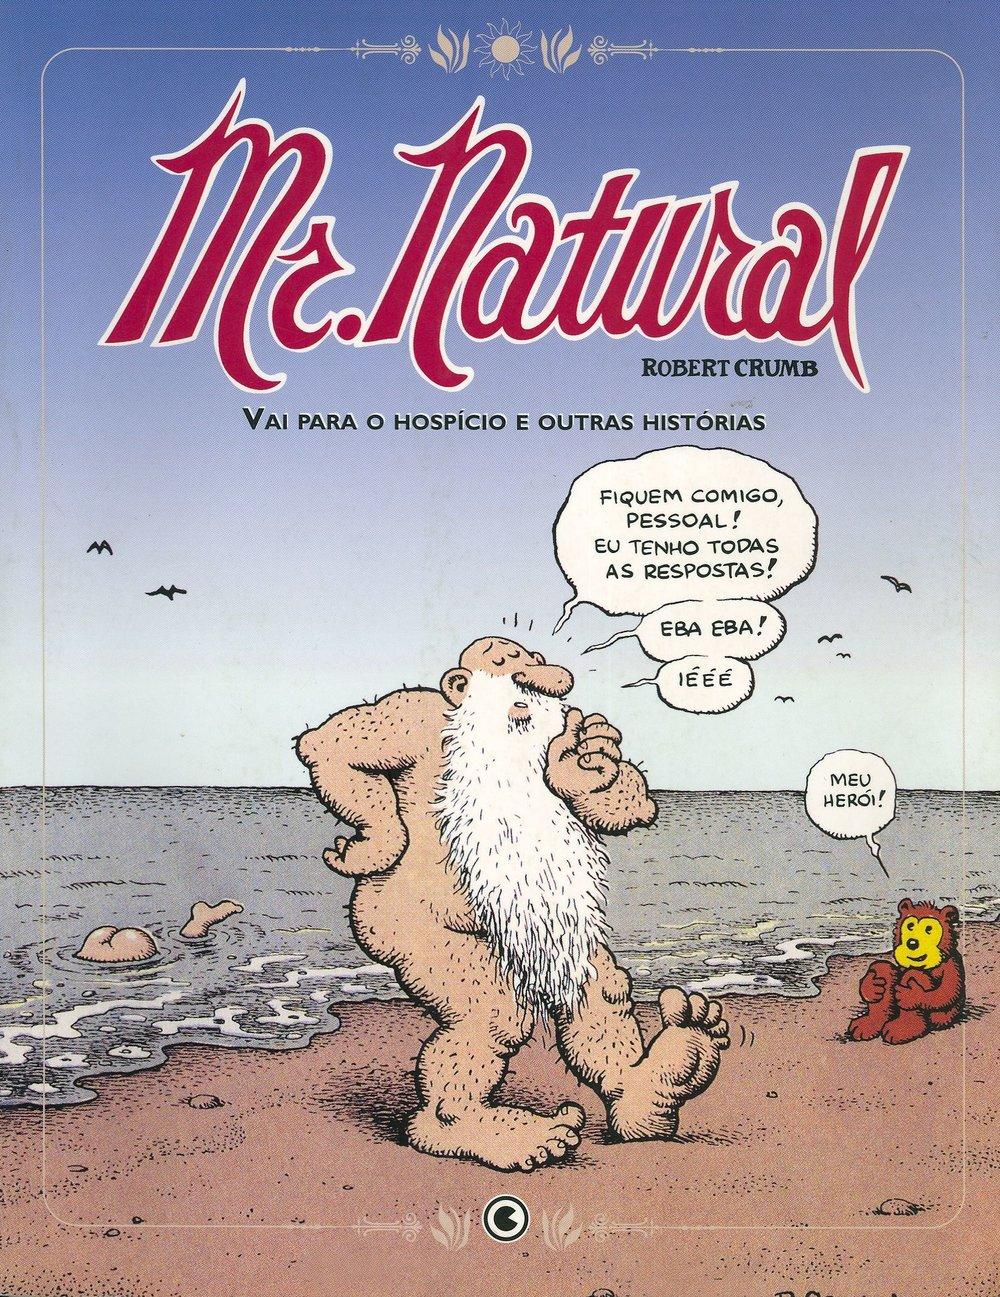 tr8_Mr-Natural-vai-para-o-hospicio-e-outras-historias-robert-crumb.jpg